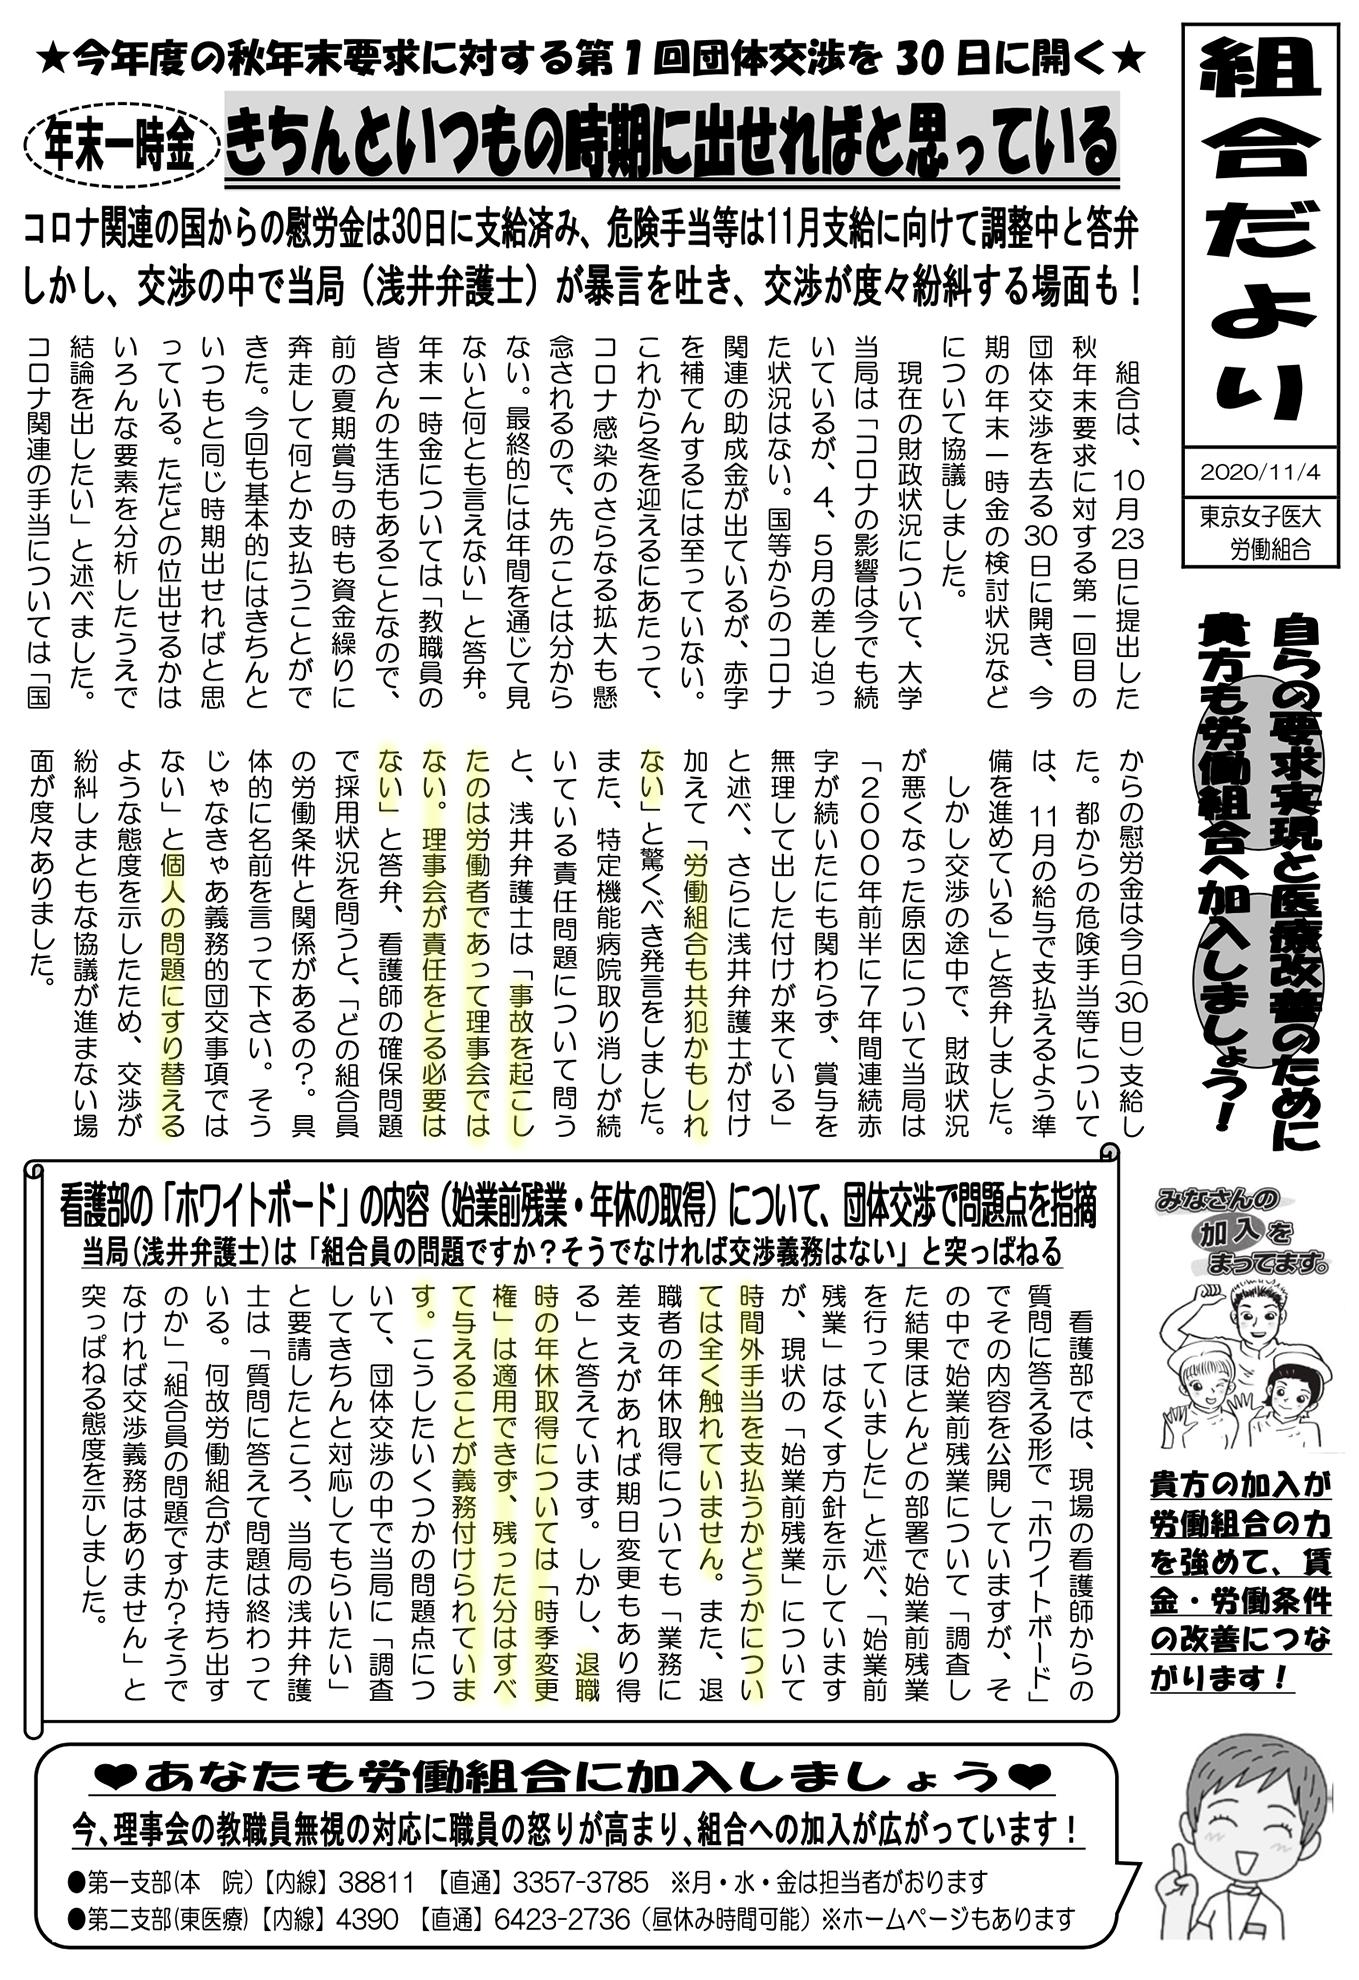 東京 女子 医大 労働 組合